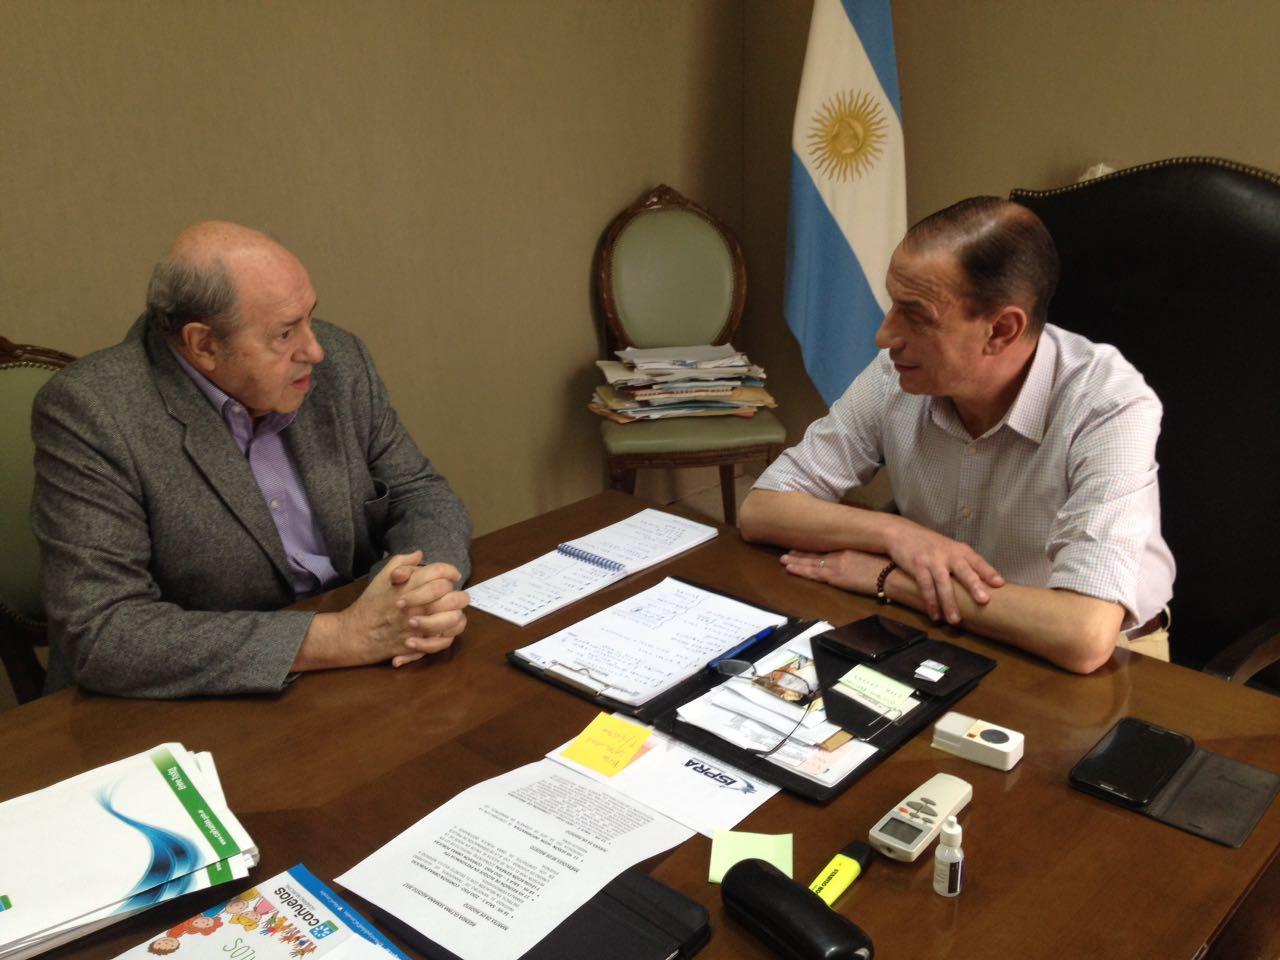 Cañuelas / Agronomía y Veterinaria las carreras que desvelan al ex intendente Arrieta